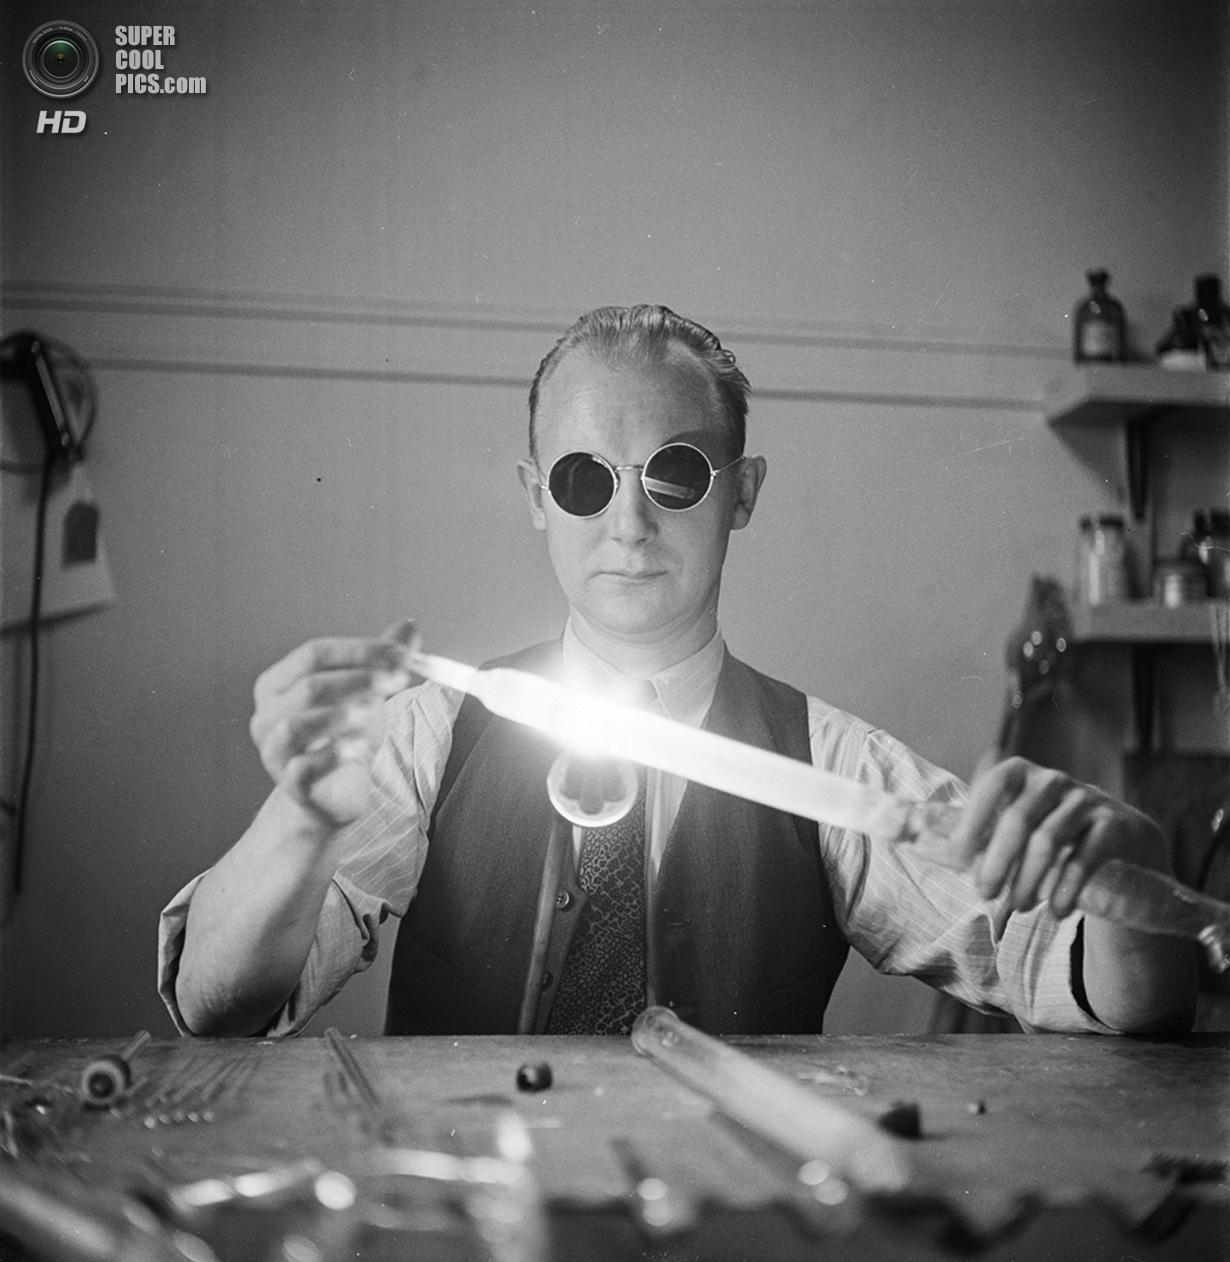 США. Нью-Йорк. 1948 год. В лаборатории Колумбийского университета города Нью-Йорка. (V&M/Look/St